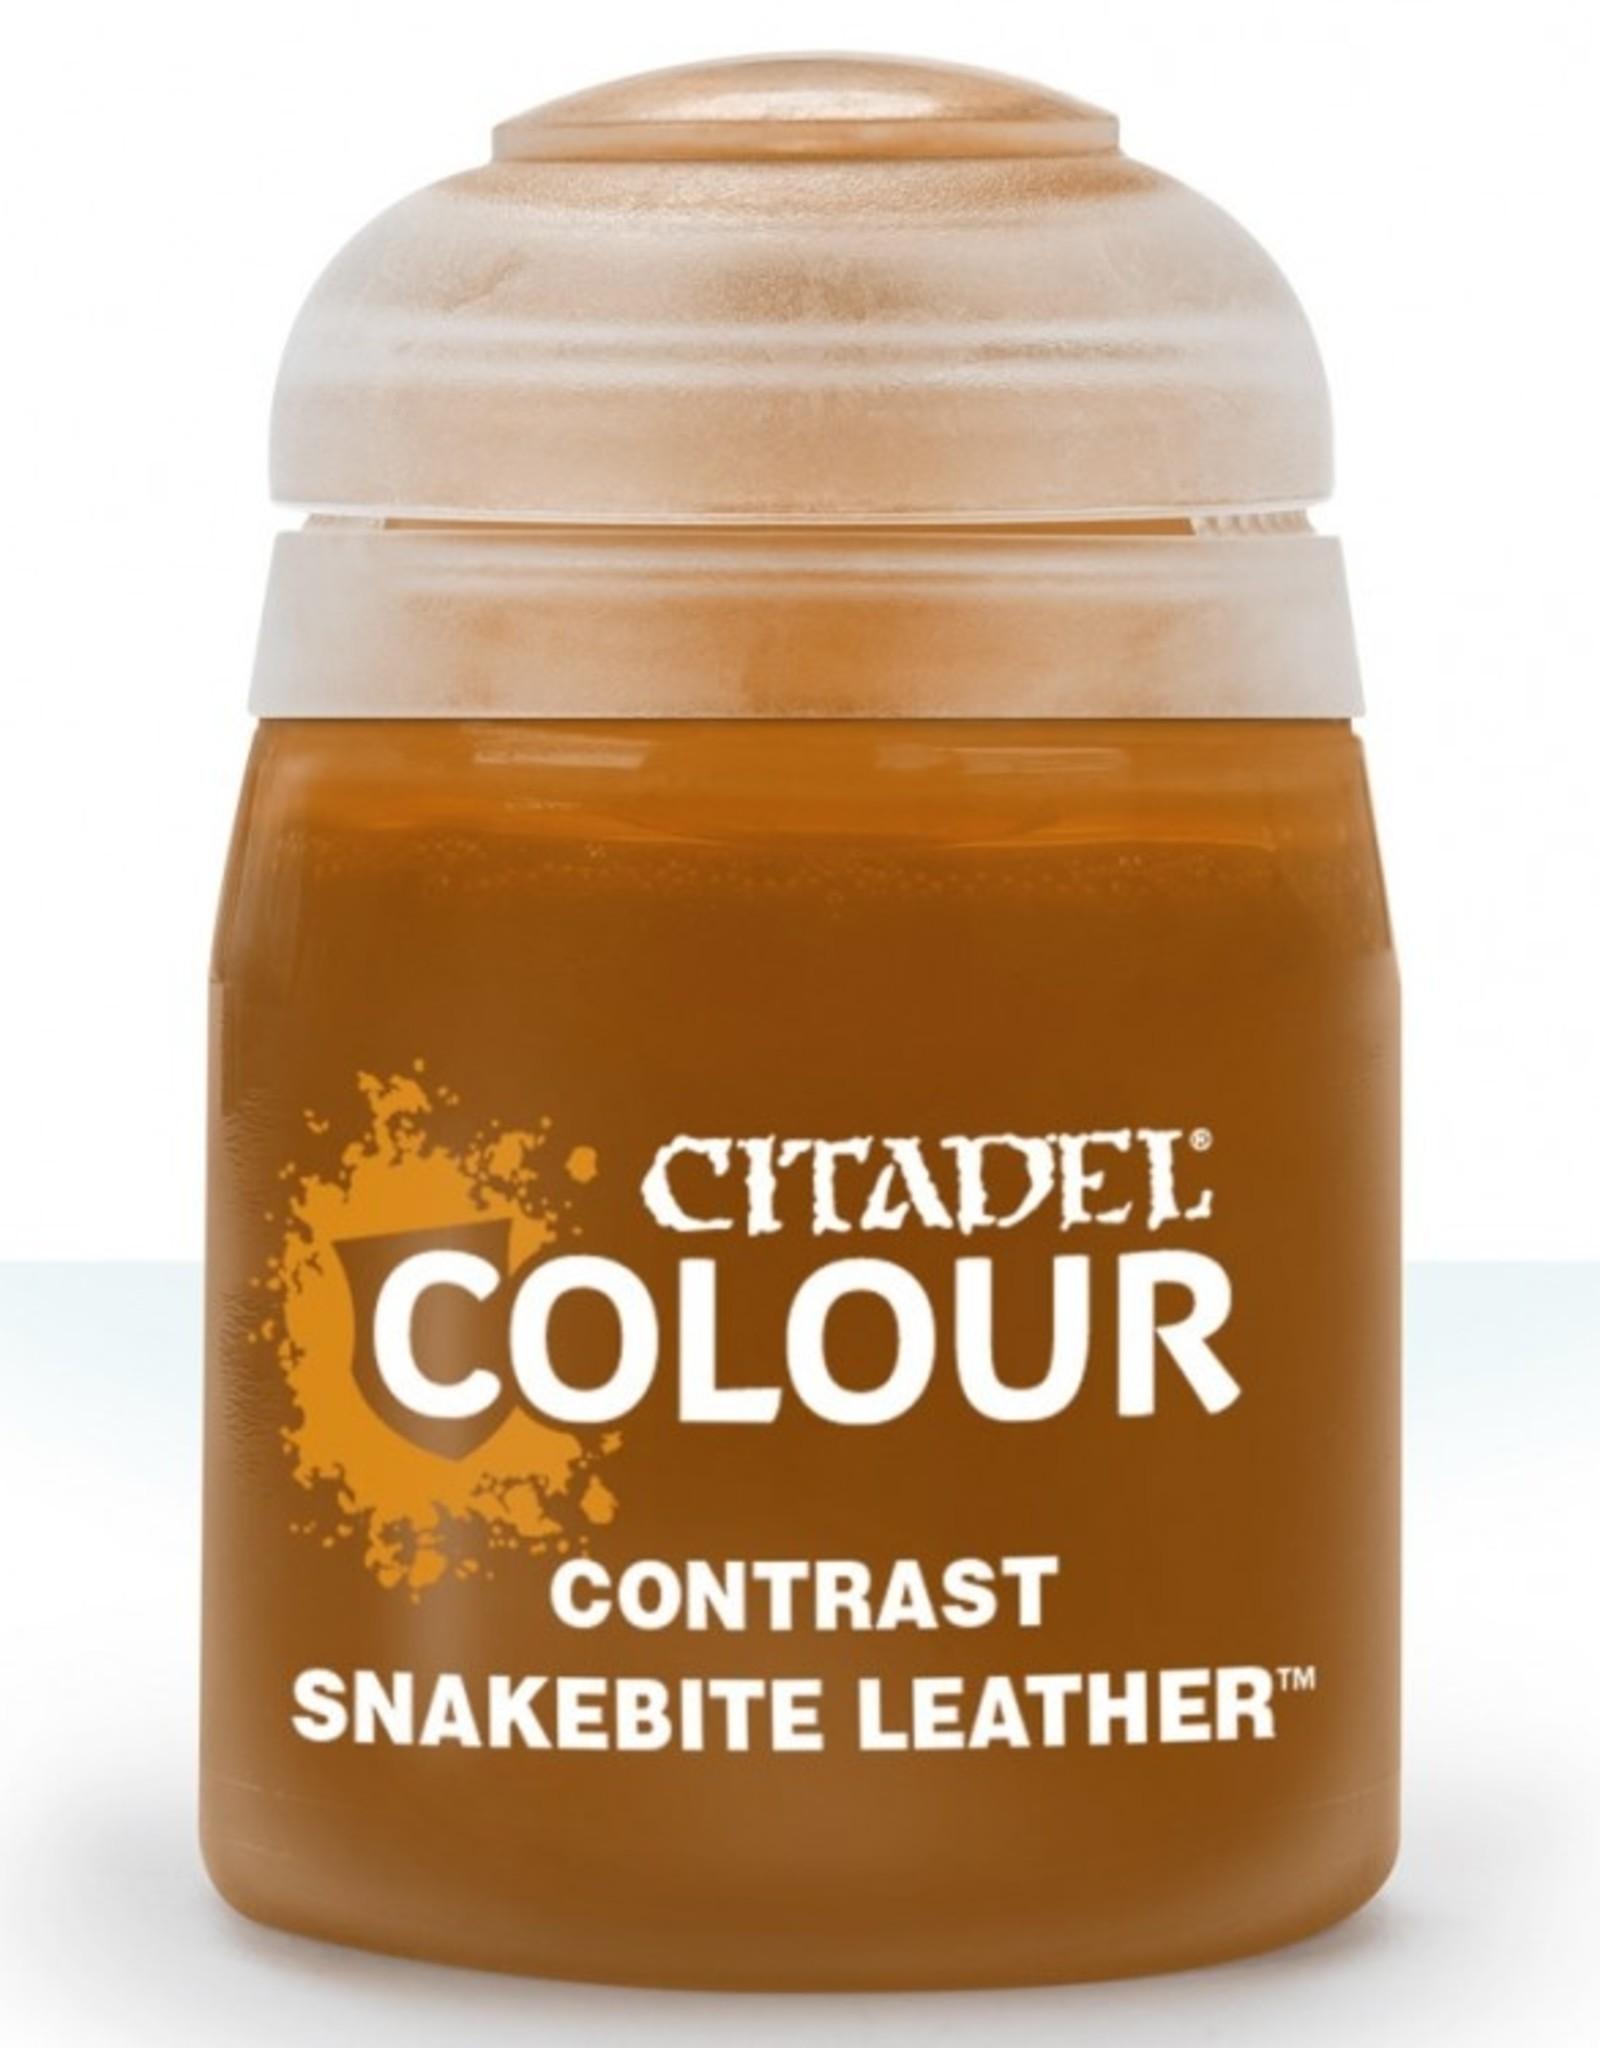 Games Workshop (Citadel) - Contrast: Snakebite Leather